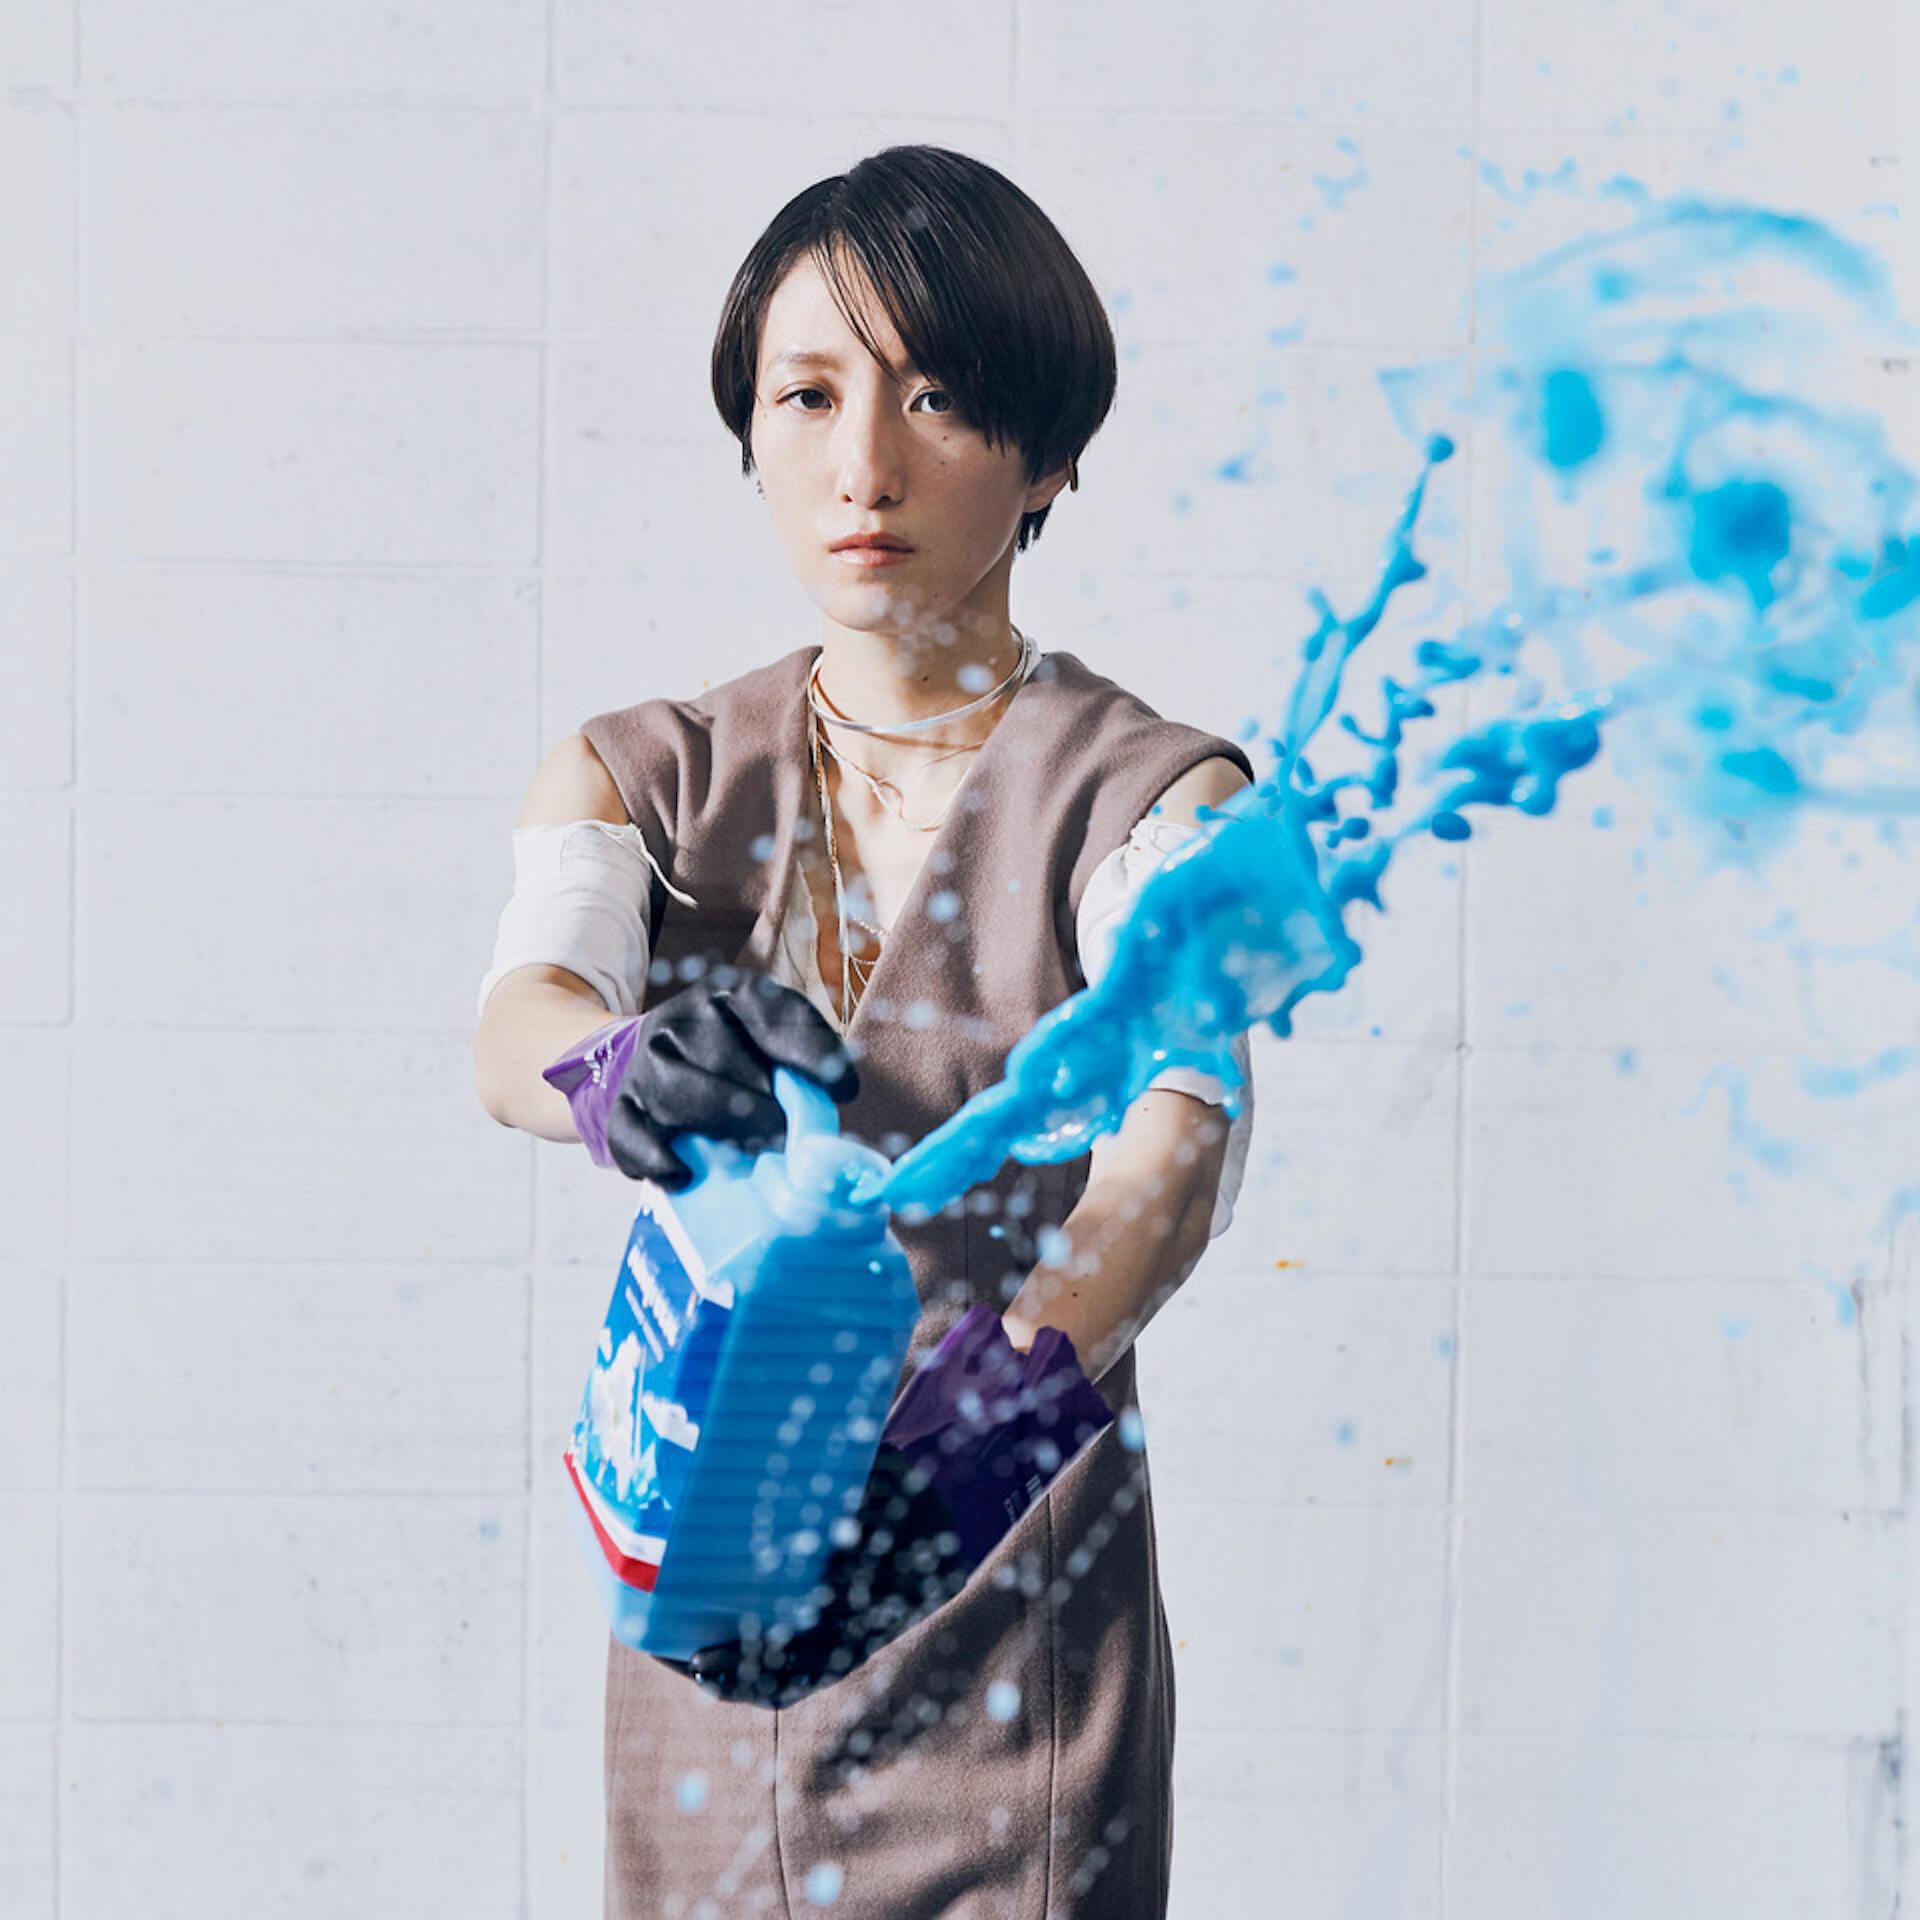 流れを止めない、日食なつこが思う「音楽の本質」━━日食なつこ3rdアルバム『アンチ・フリーズ』インタビュー interview210816_nisshoku-natsuko-8